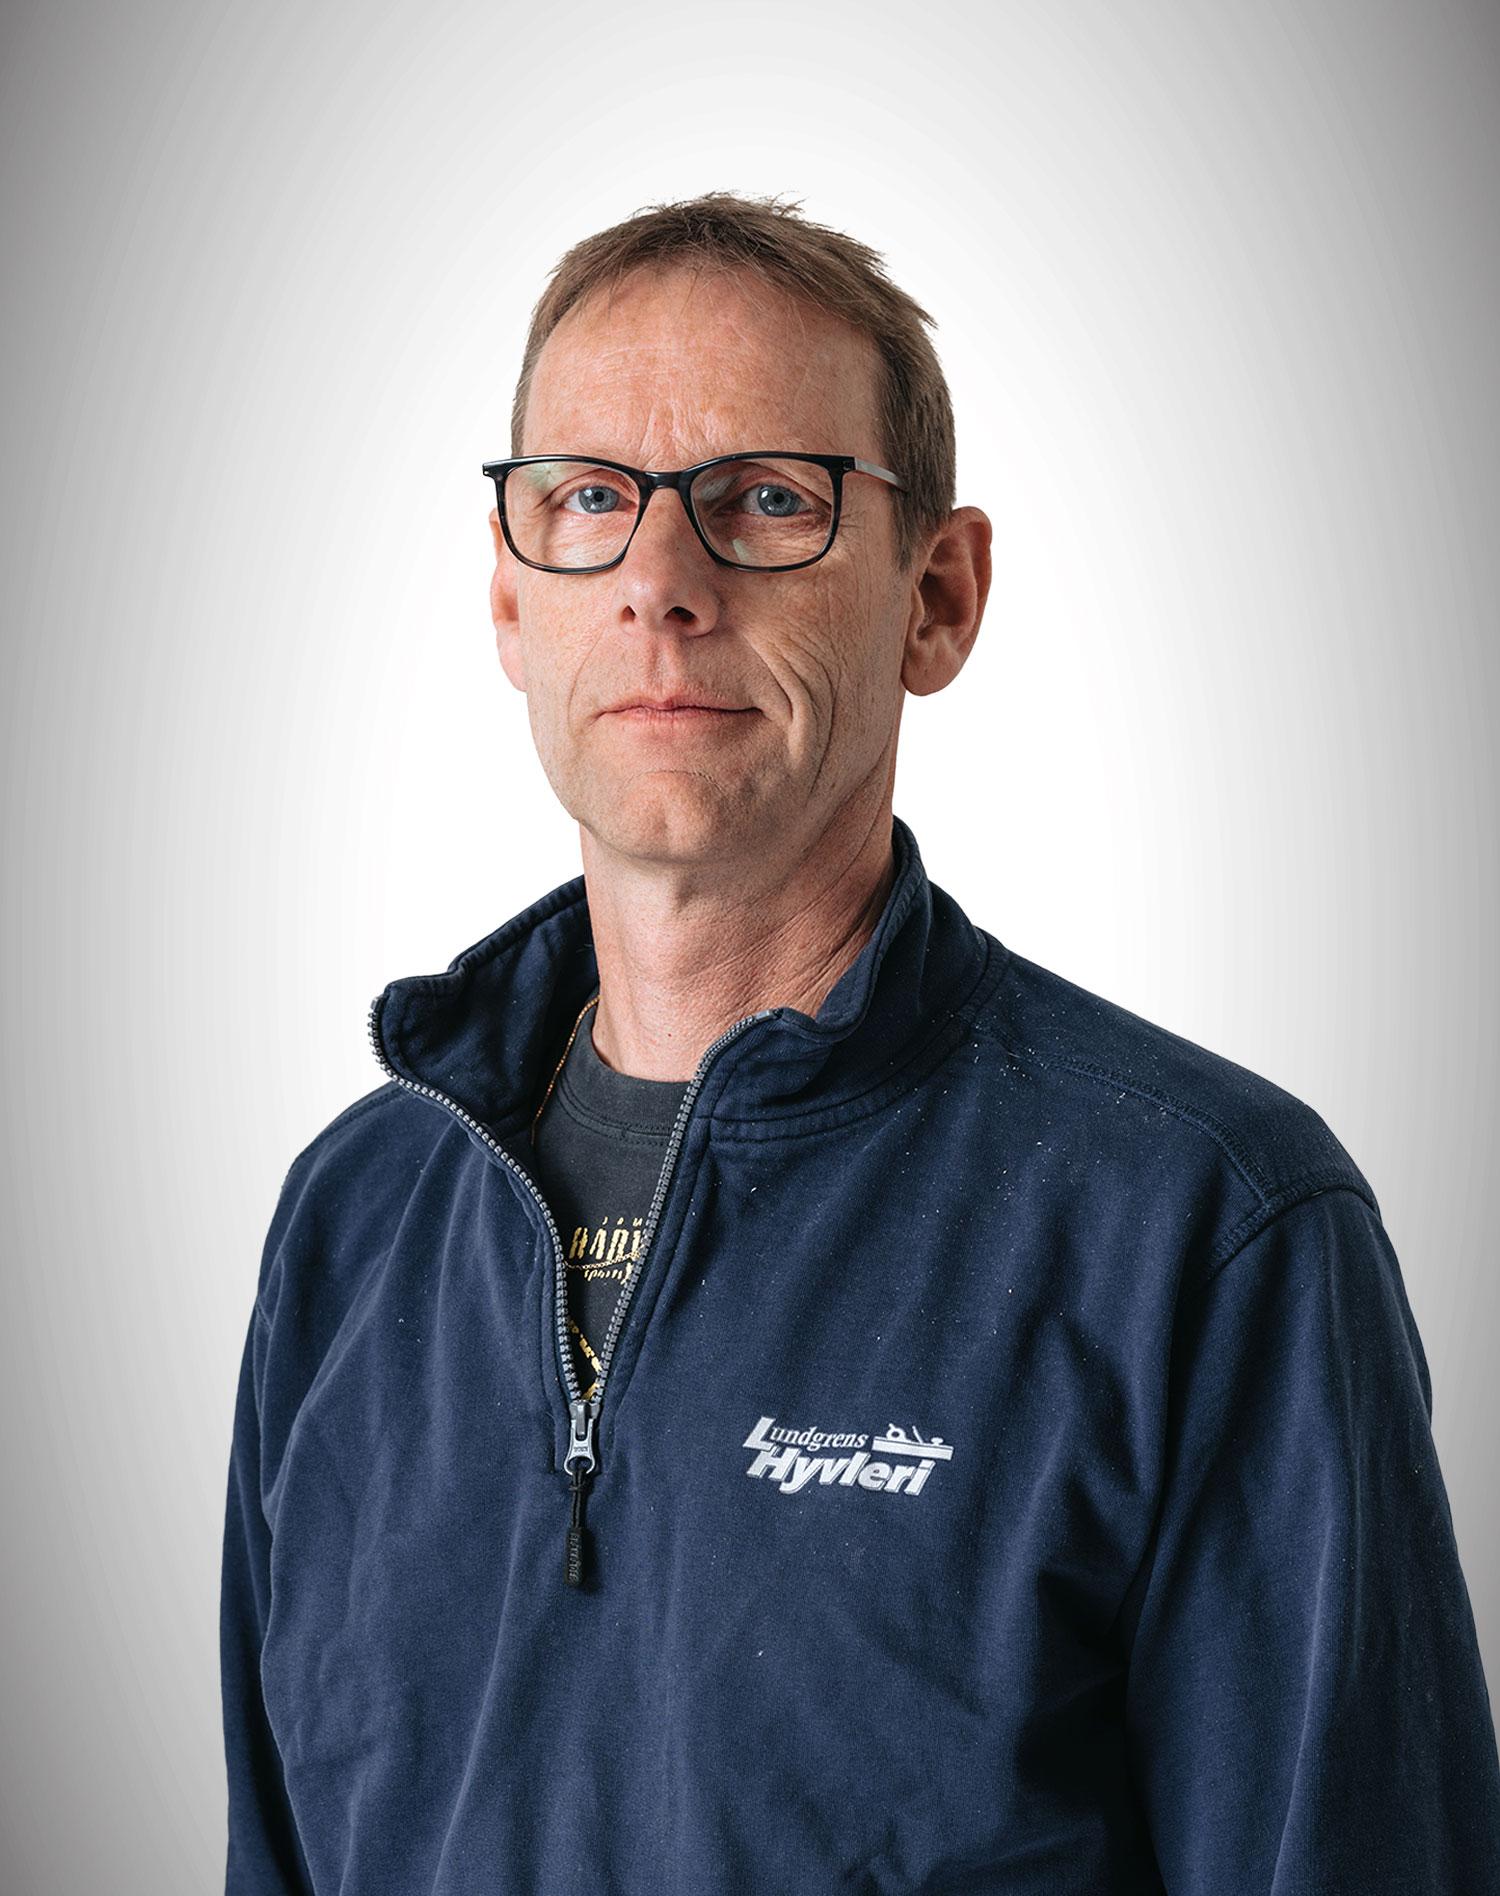 Stefan Lundgren